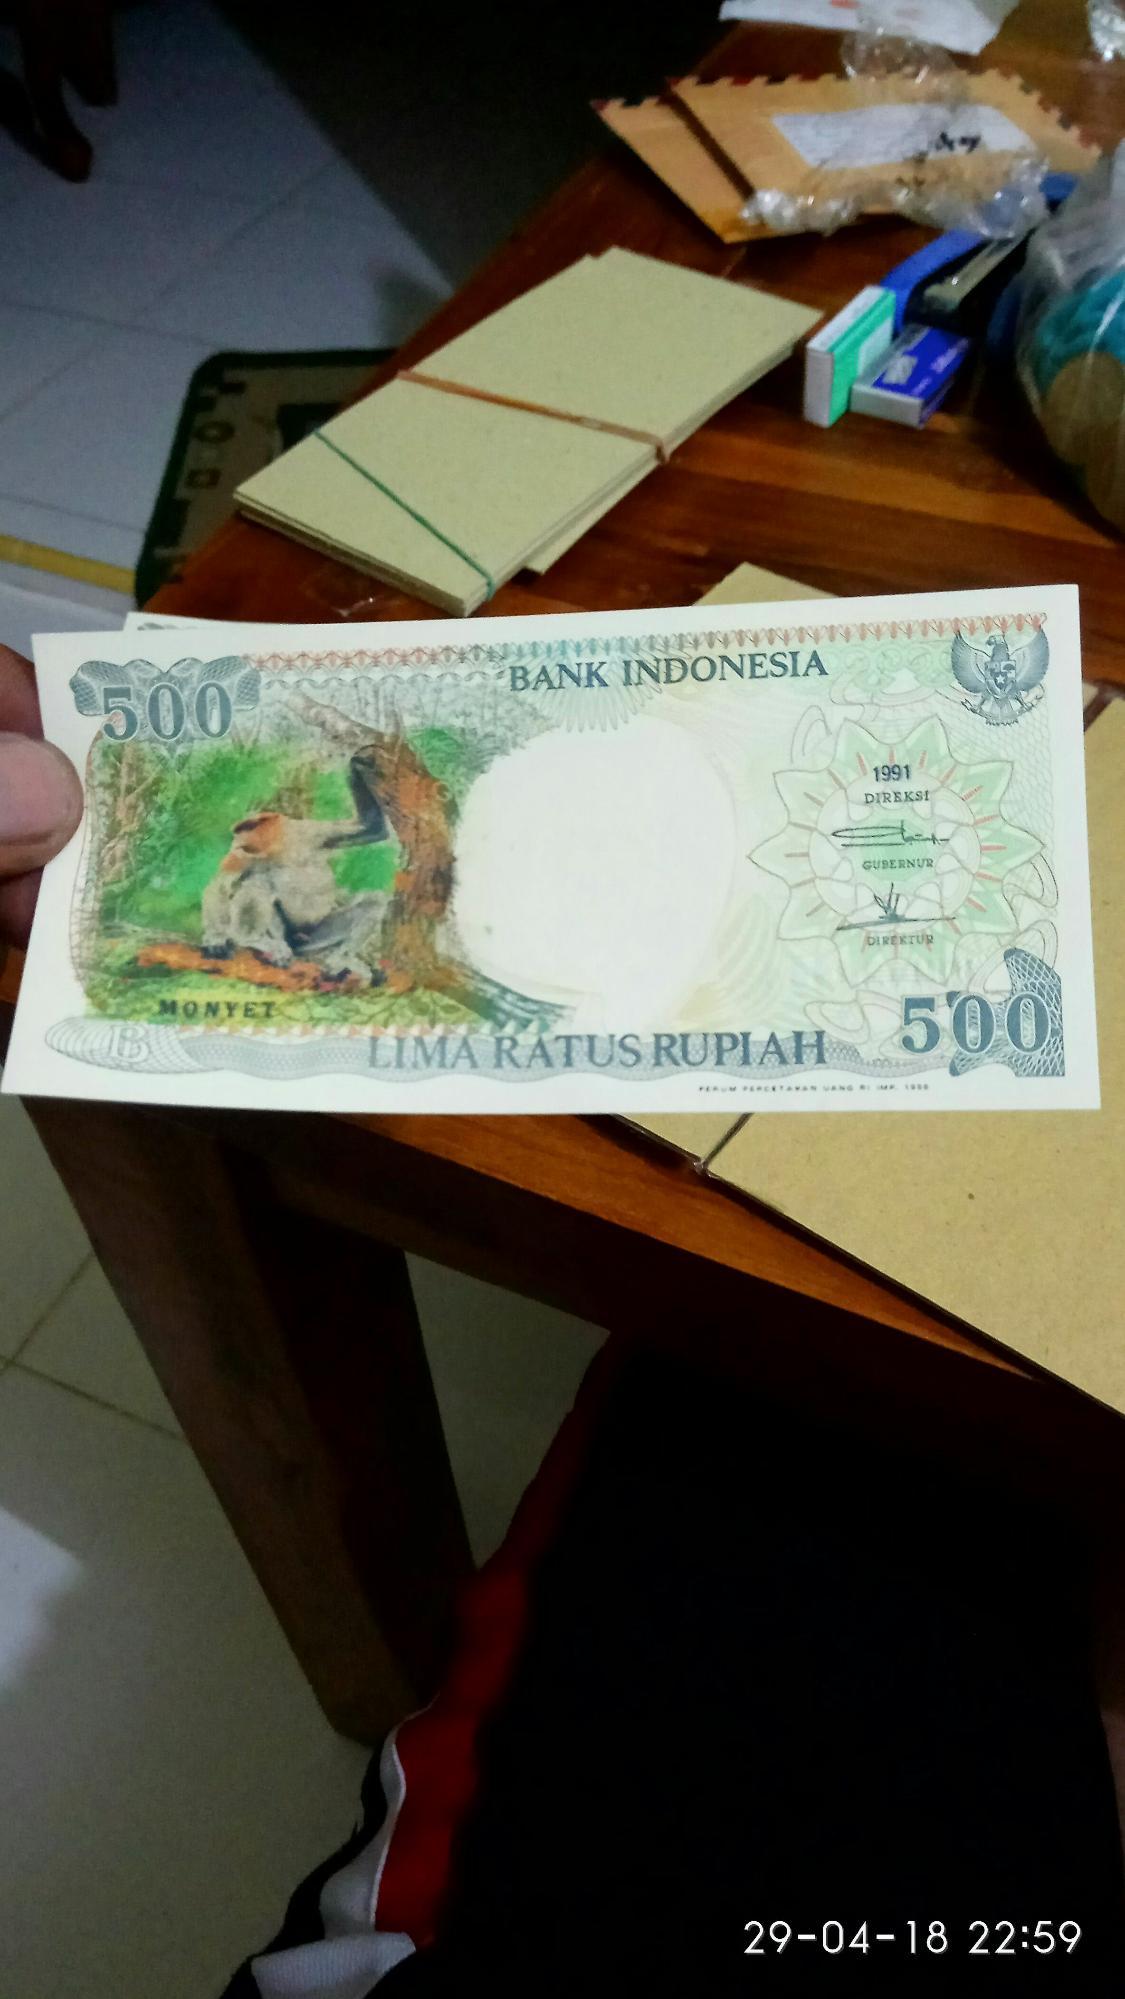 Uang Kuno UKA-UKA 500 KERA Gantung Tahun 1991 Jarang Ada Kondisi Mantap Dan Bused Masi Layak Koleksi